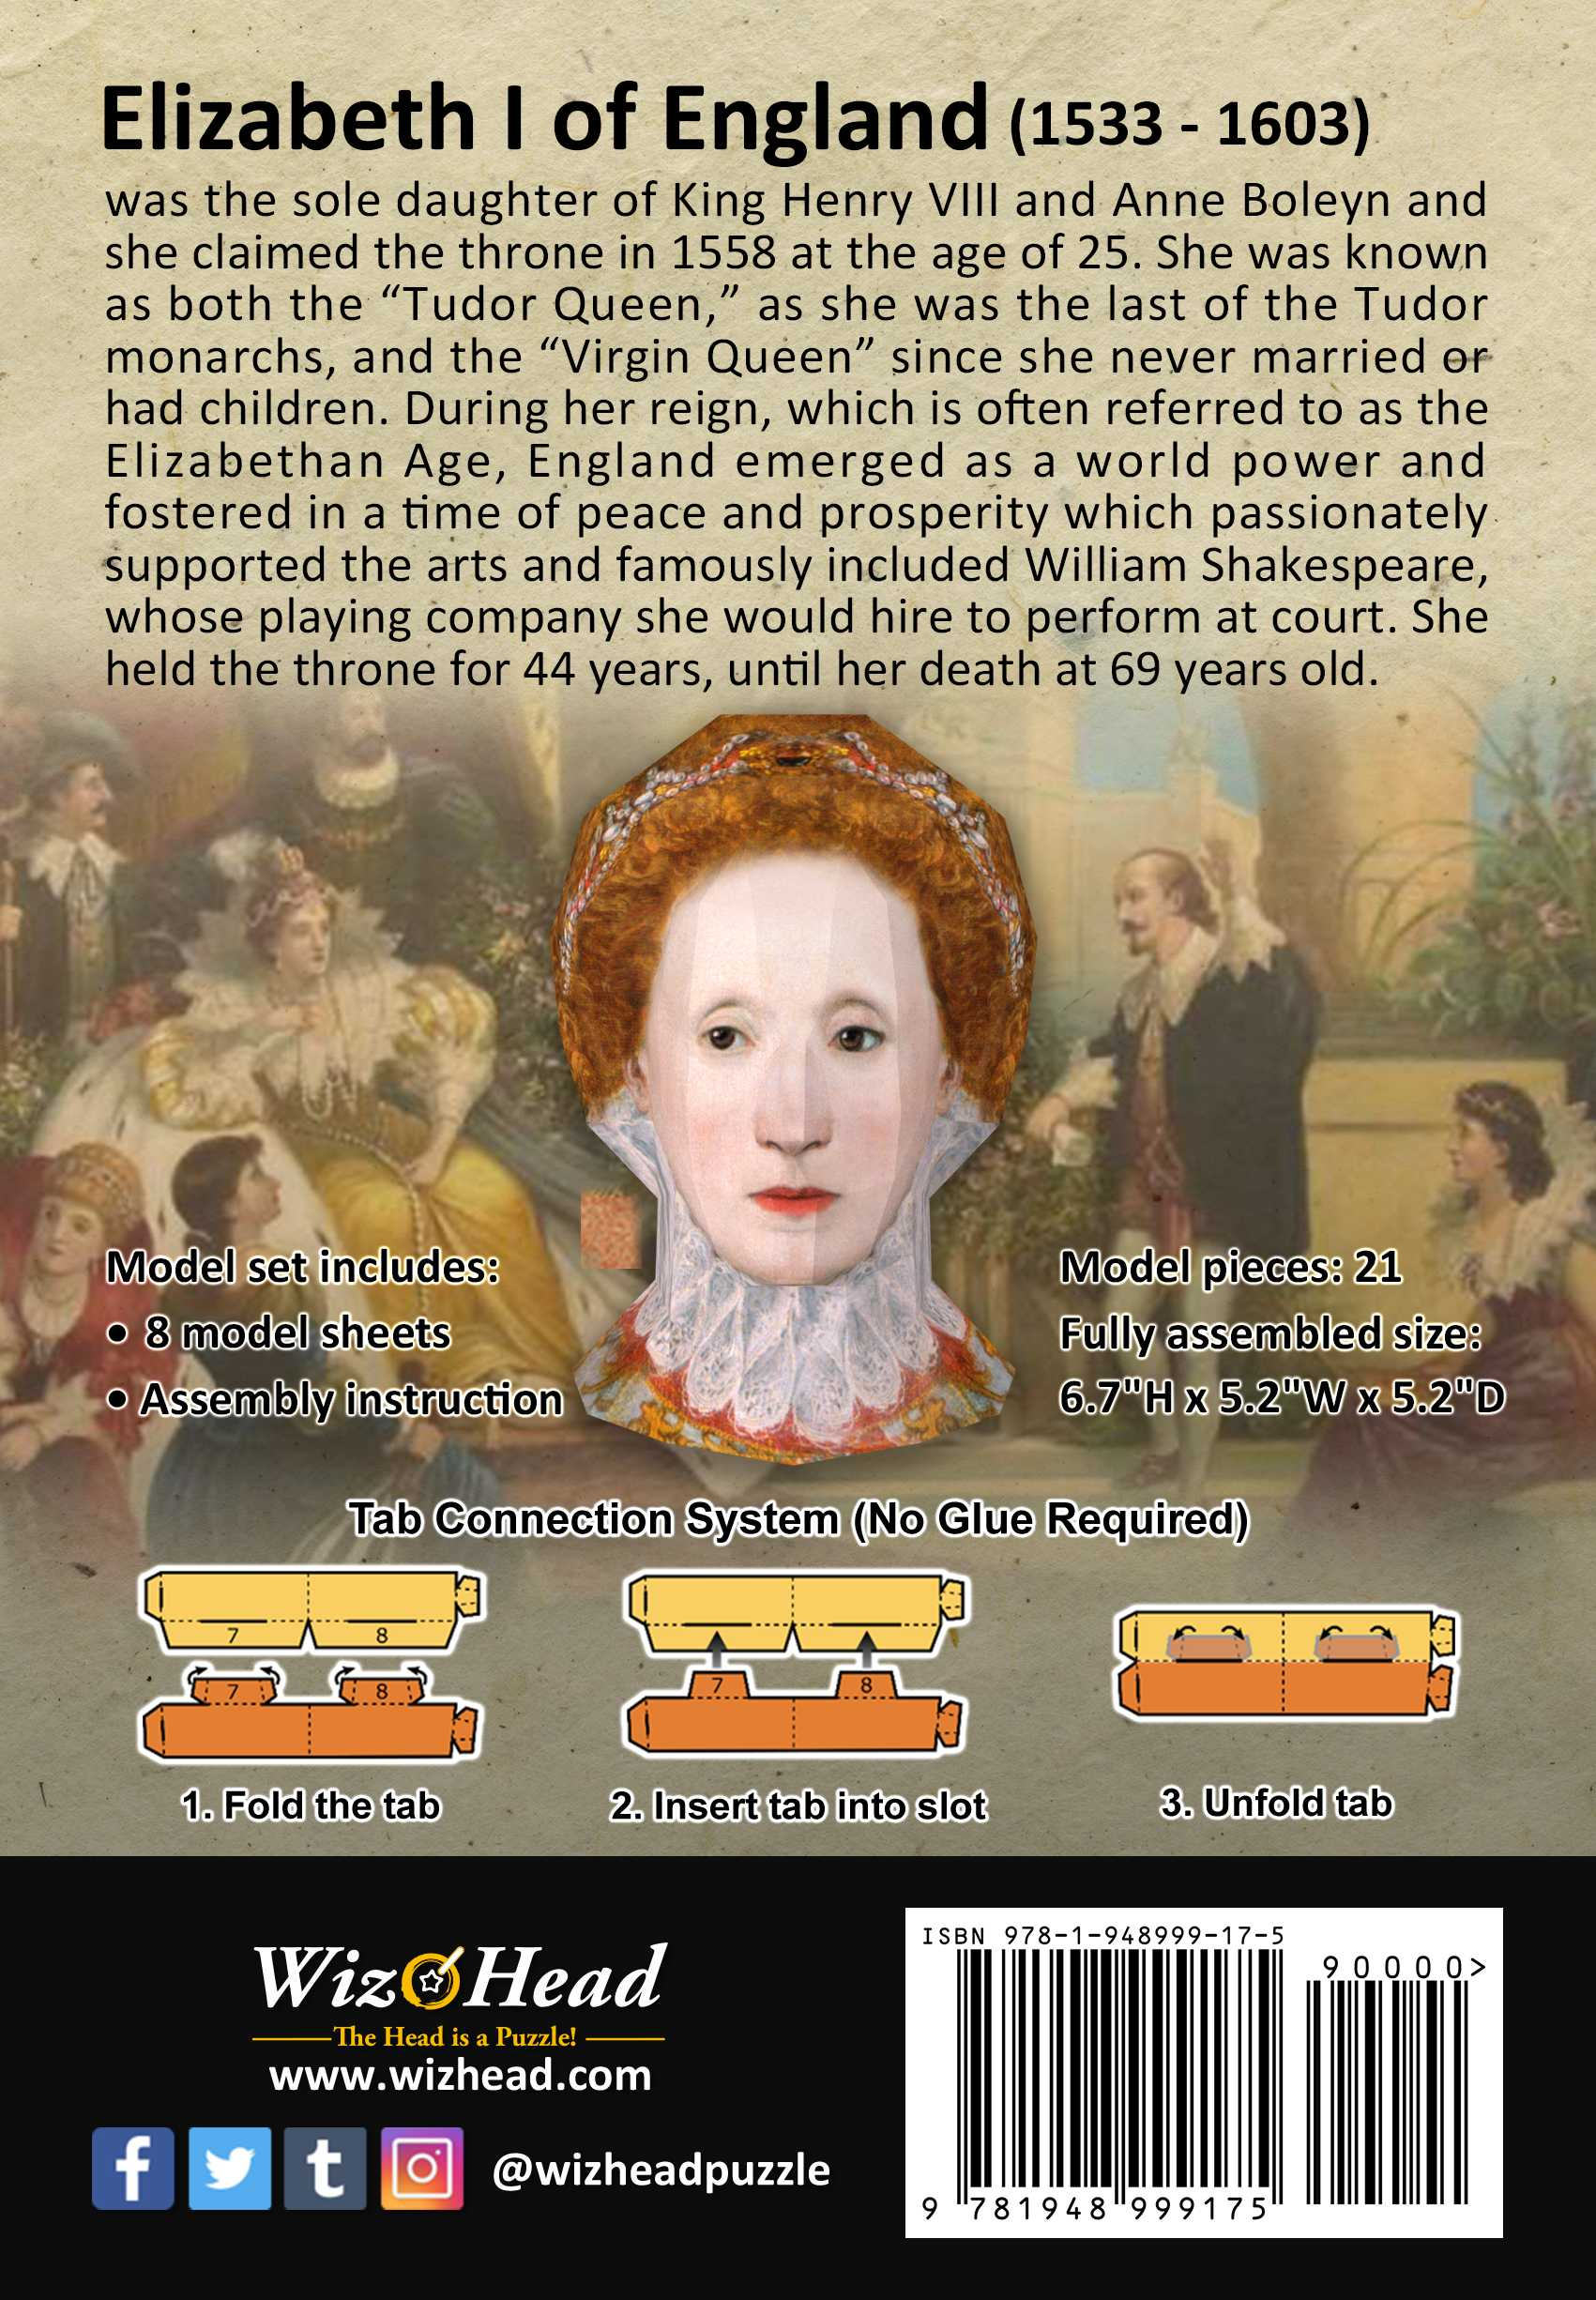 Elizabeth I of England (Full Size)